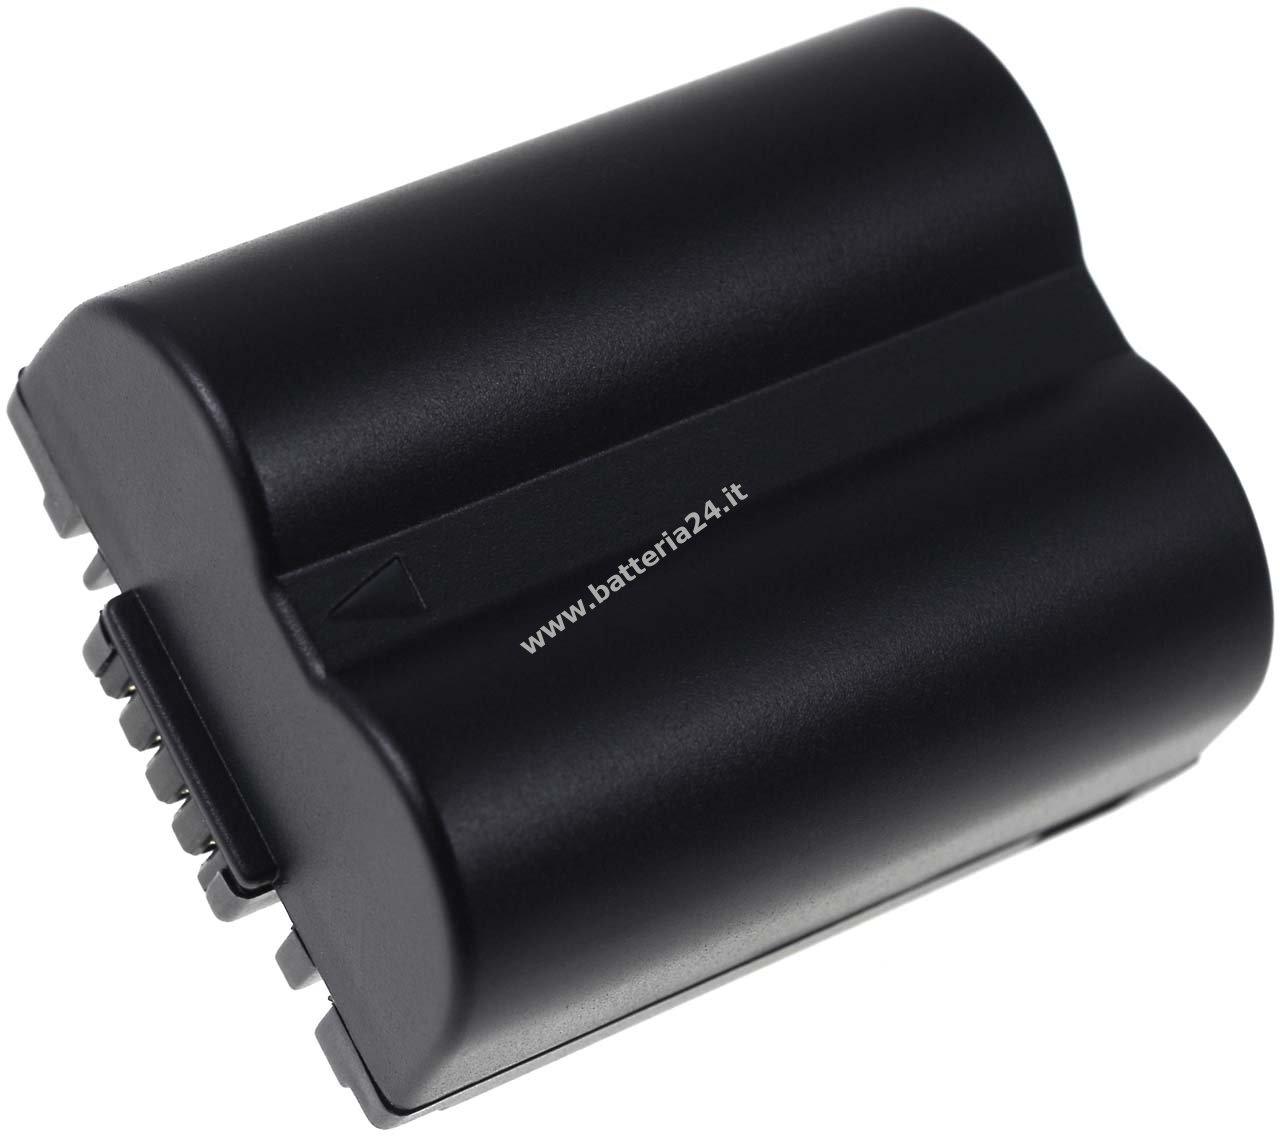 batteria per panasonic modello cgr s006e batteria negozio a buon mercato le batterie. Black Bedroom Furniture Sets. Home Design Ideas